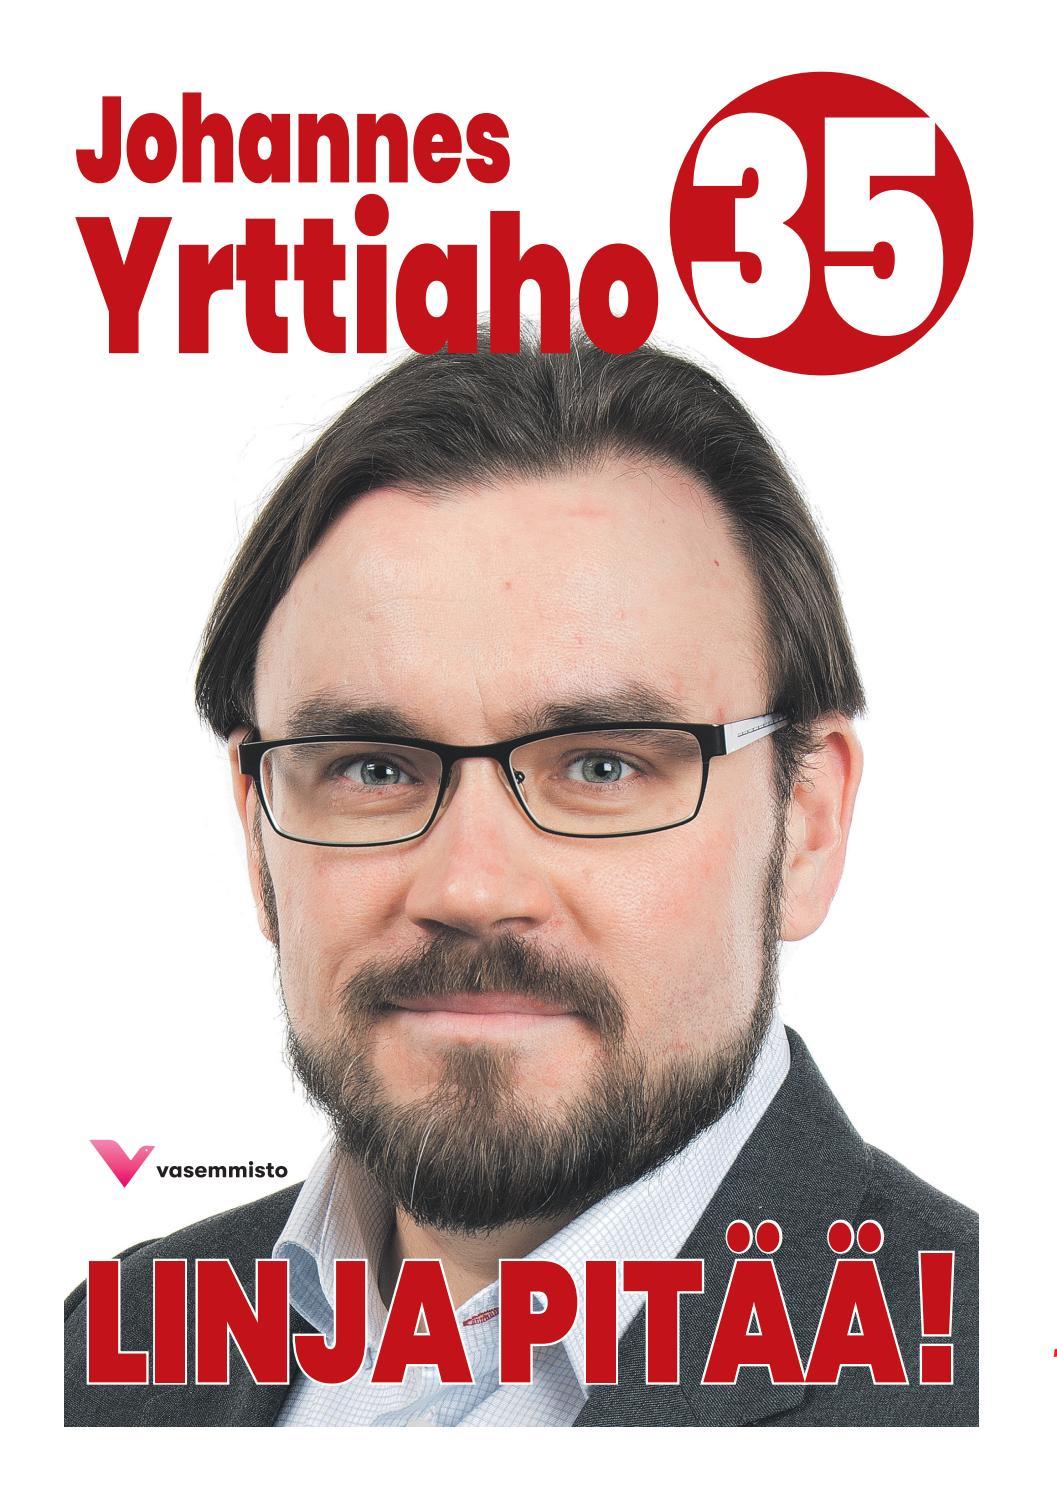 Johannes Yrttiaho